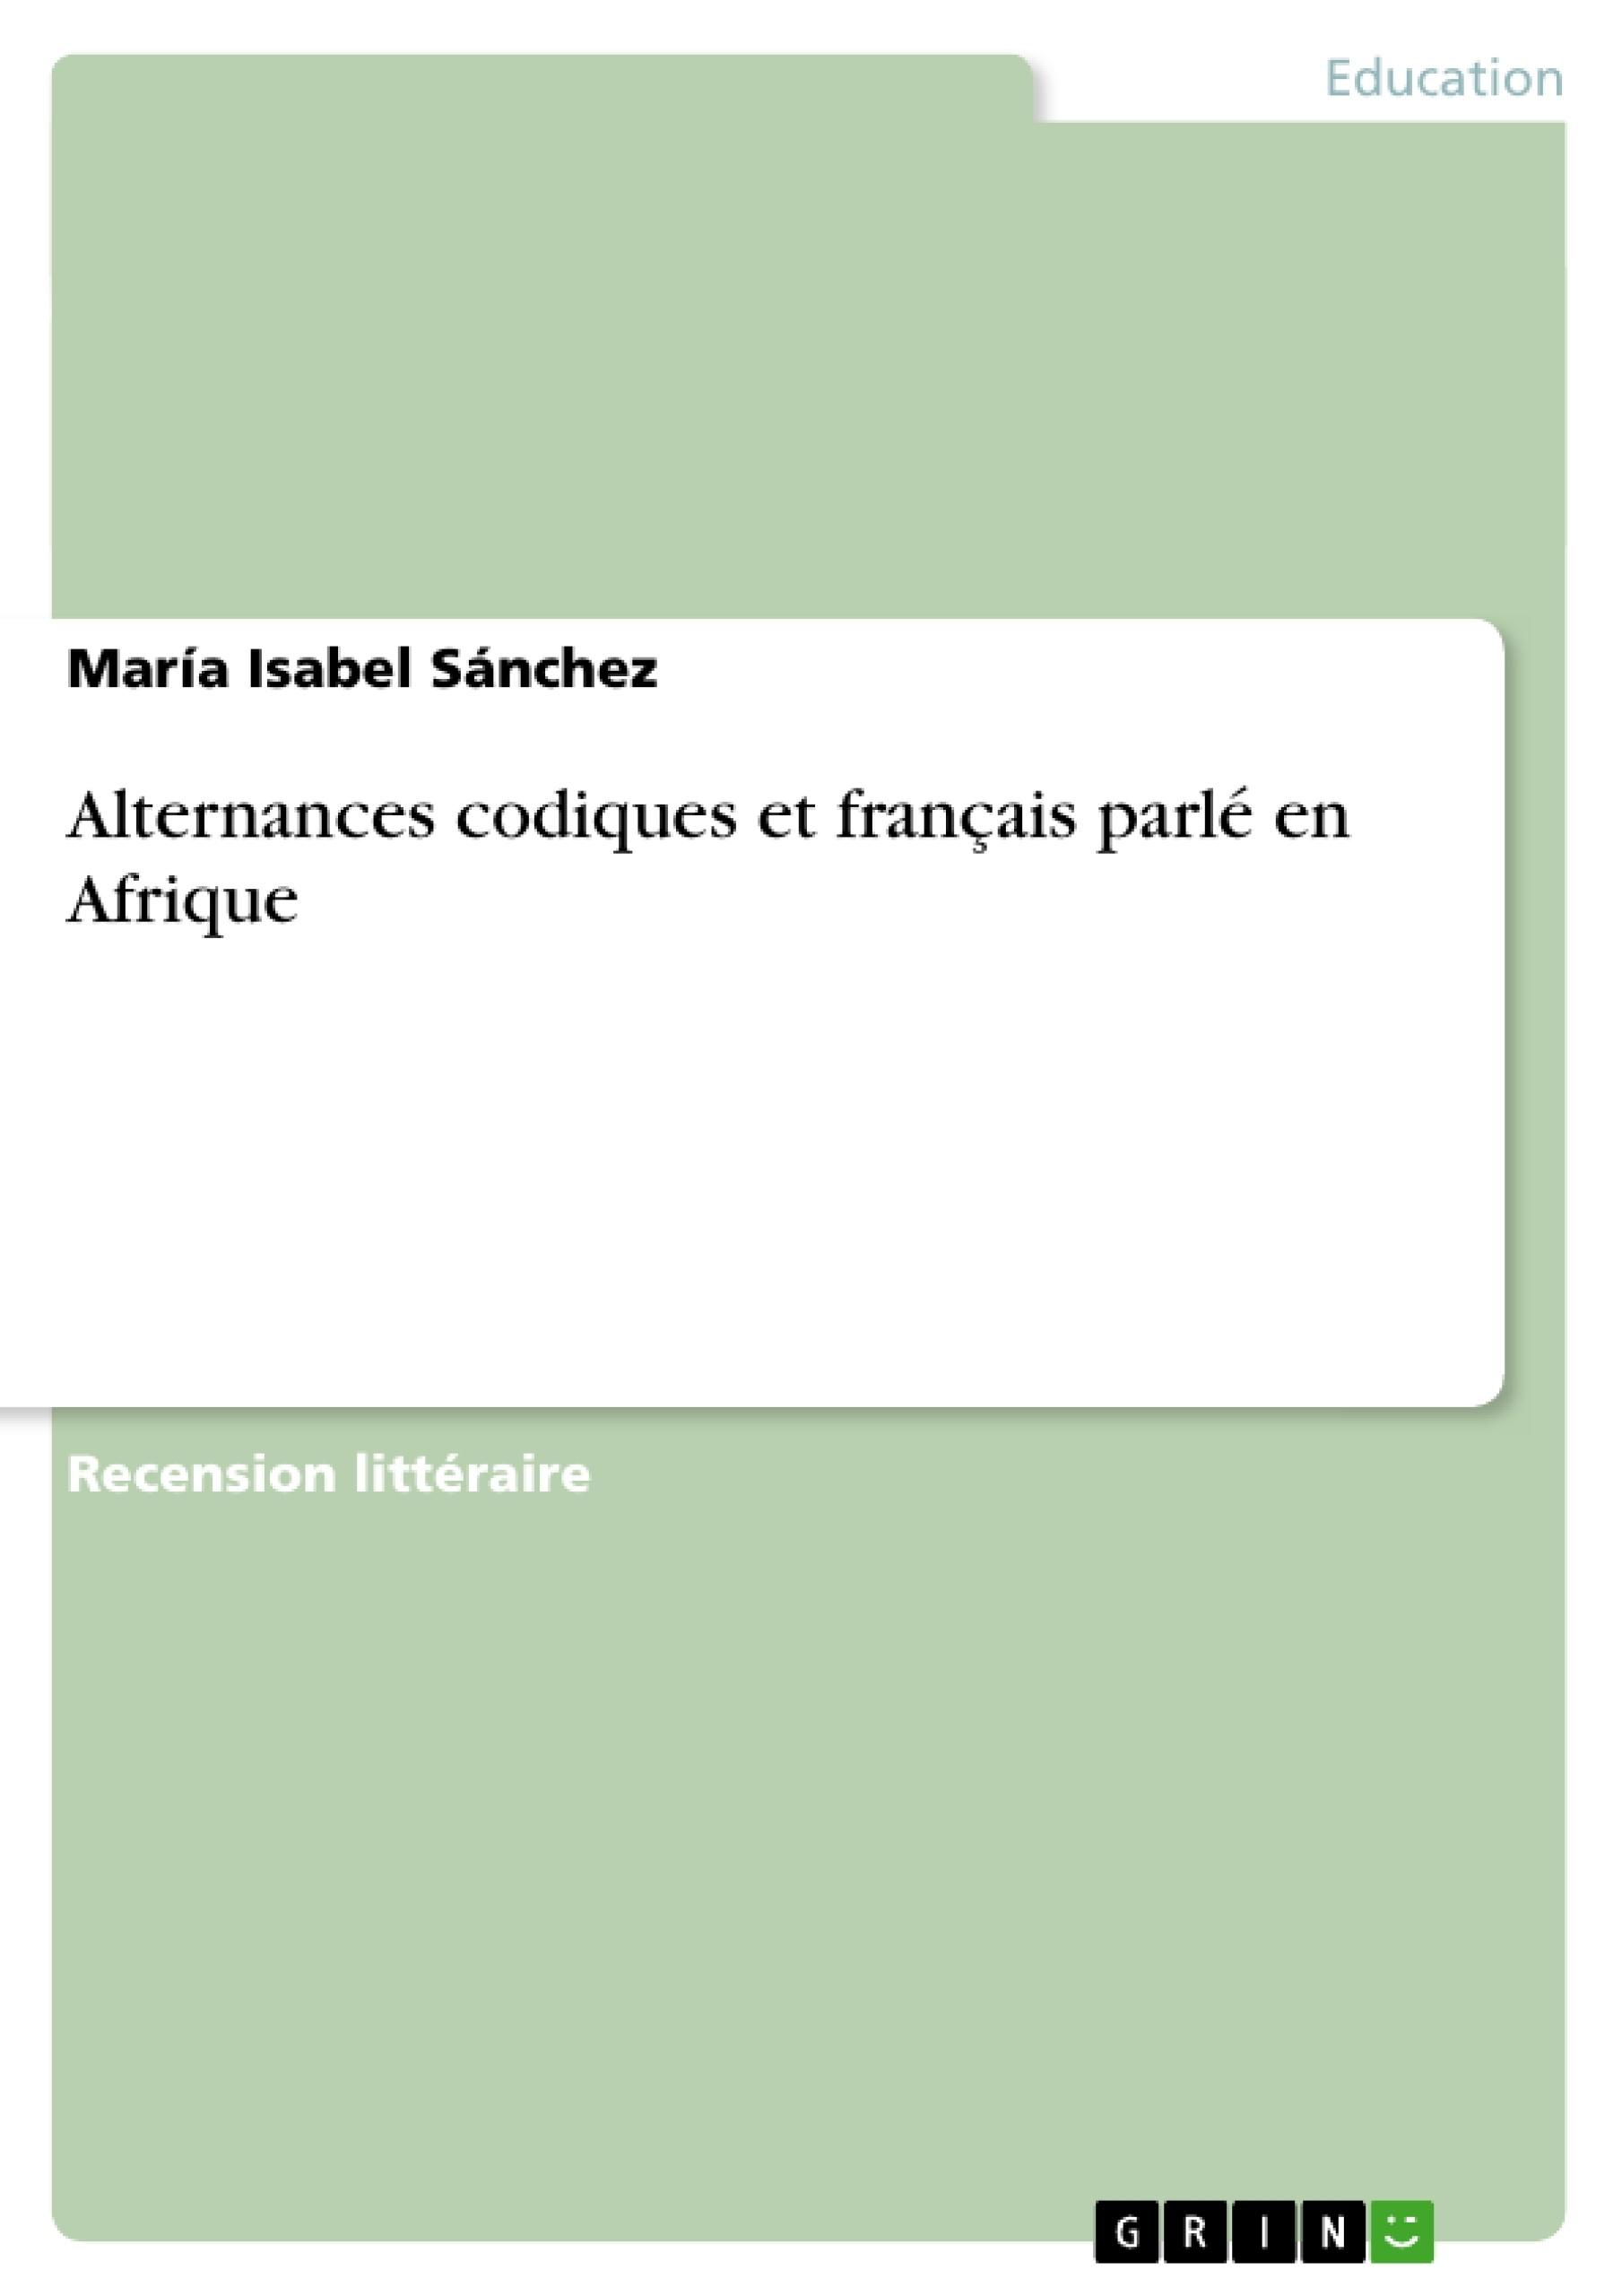 Titre: Alternances codiques et français parlé en Afrique